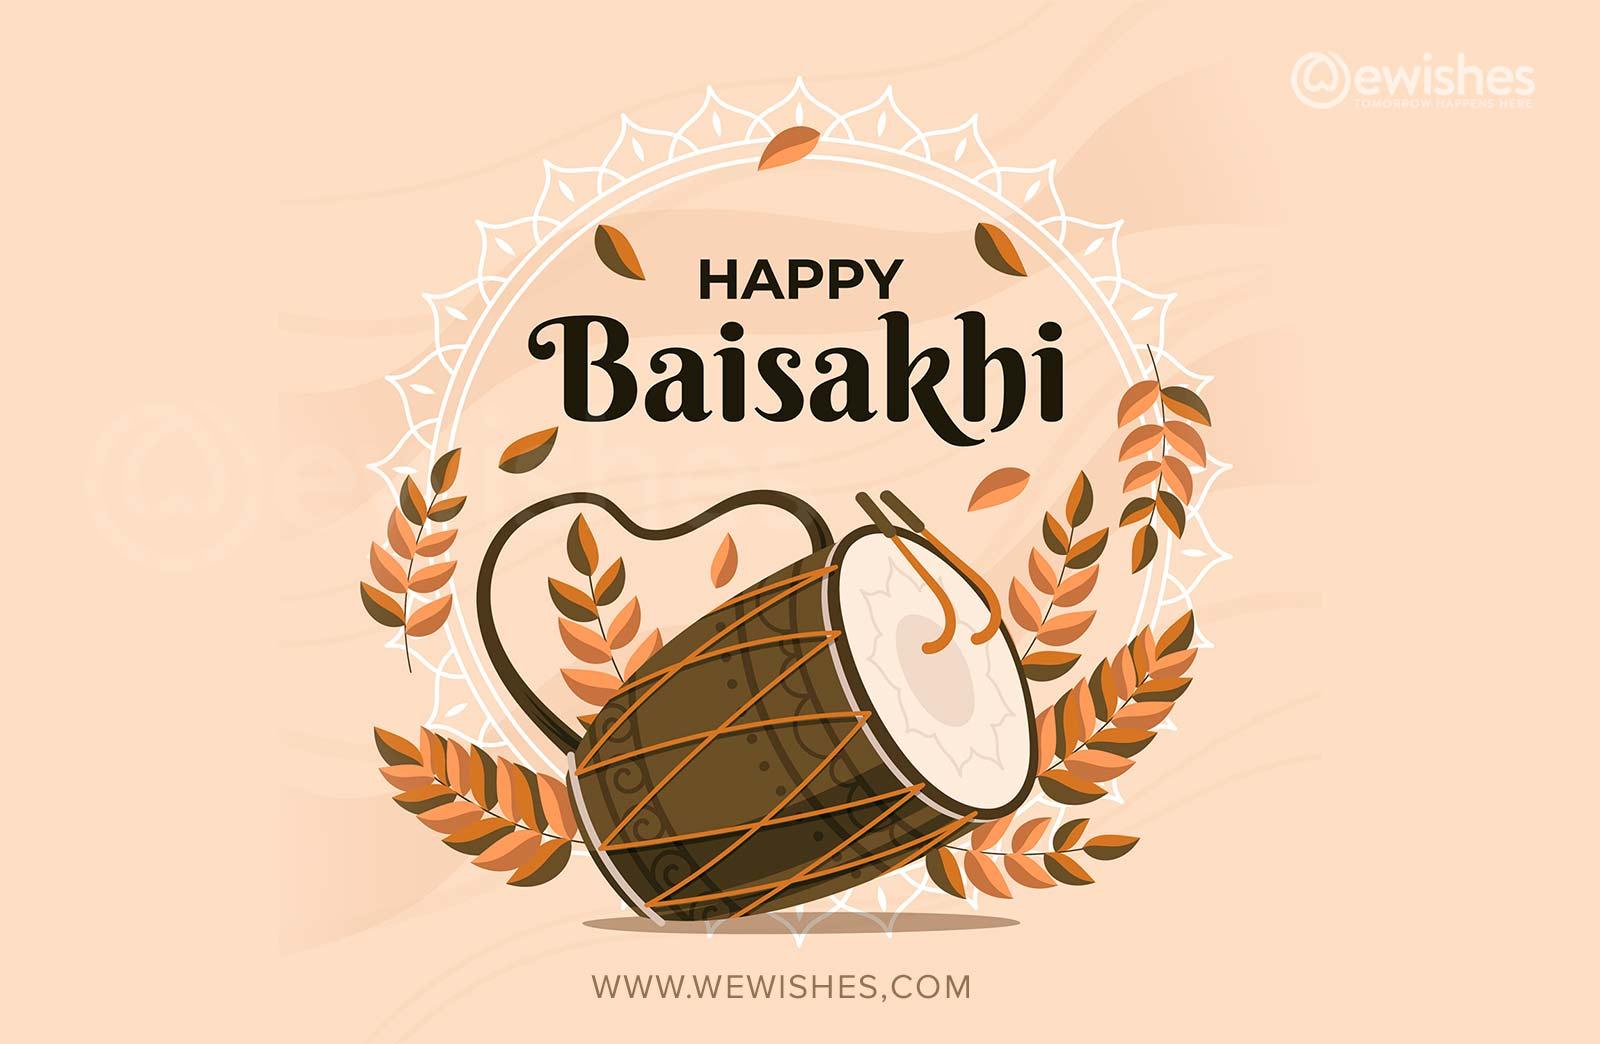 Happy Baisakhi Quotes 2020